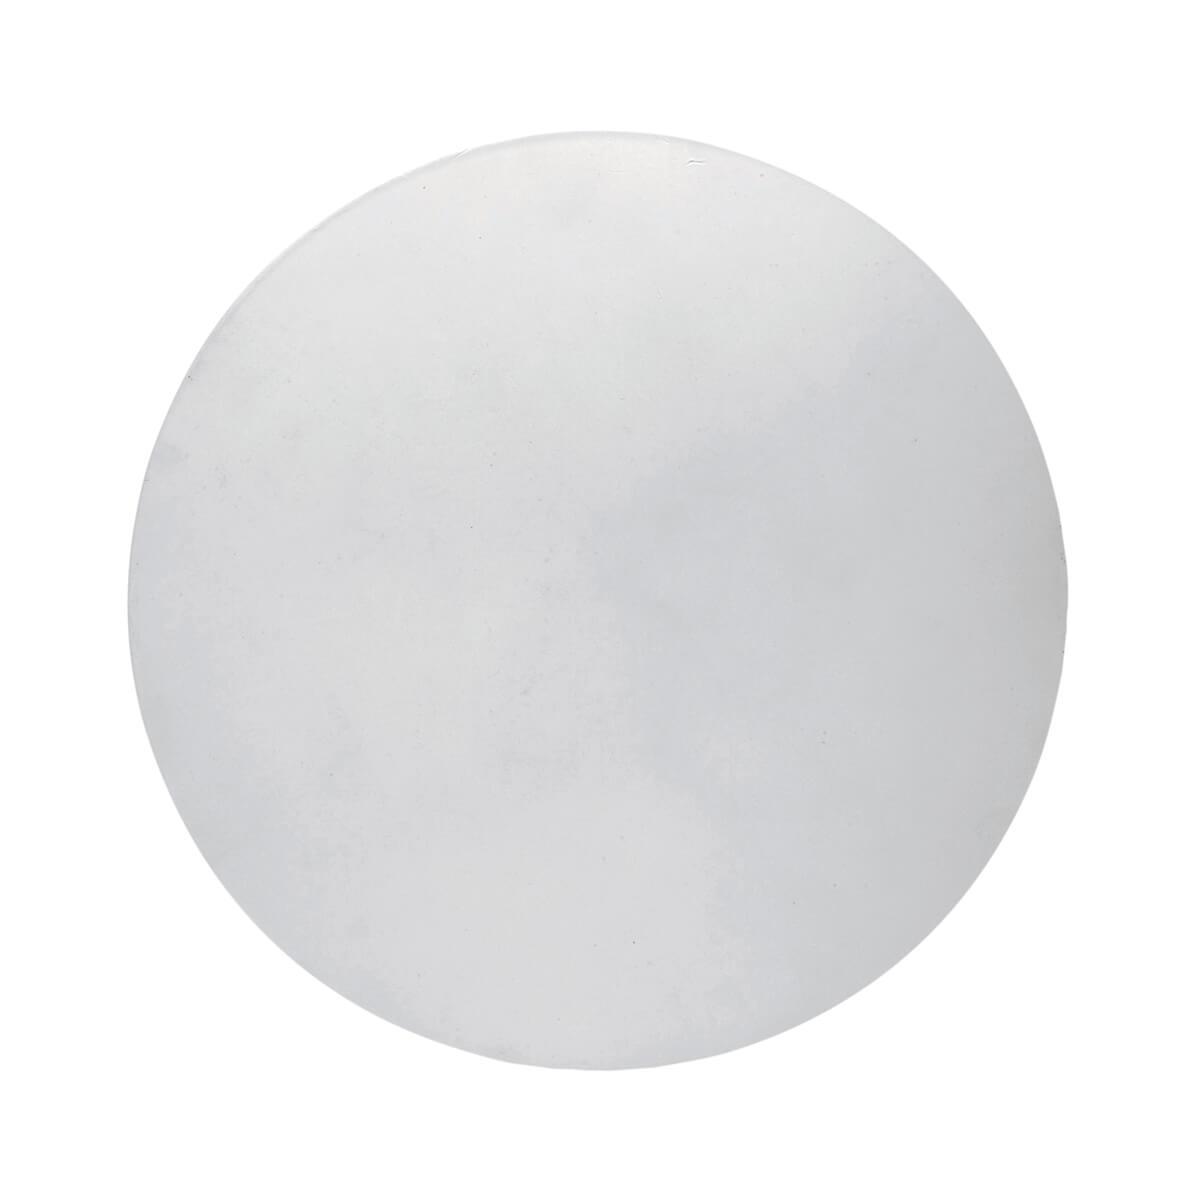 купить Настенный светильник Mantra Bora Bora C0101 дешево